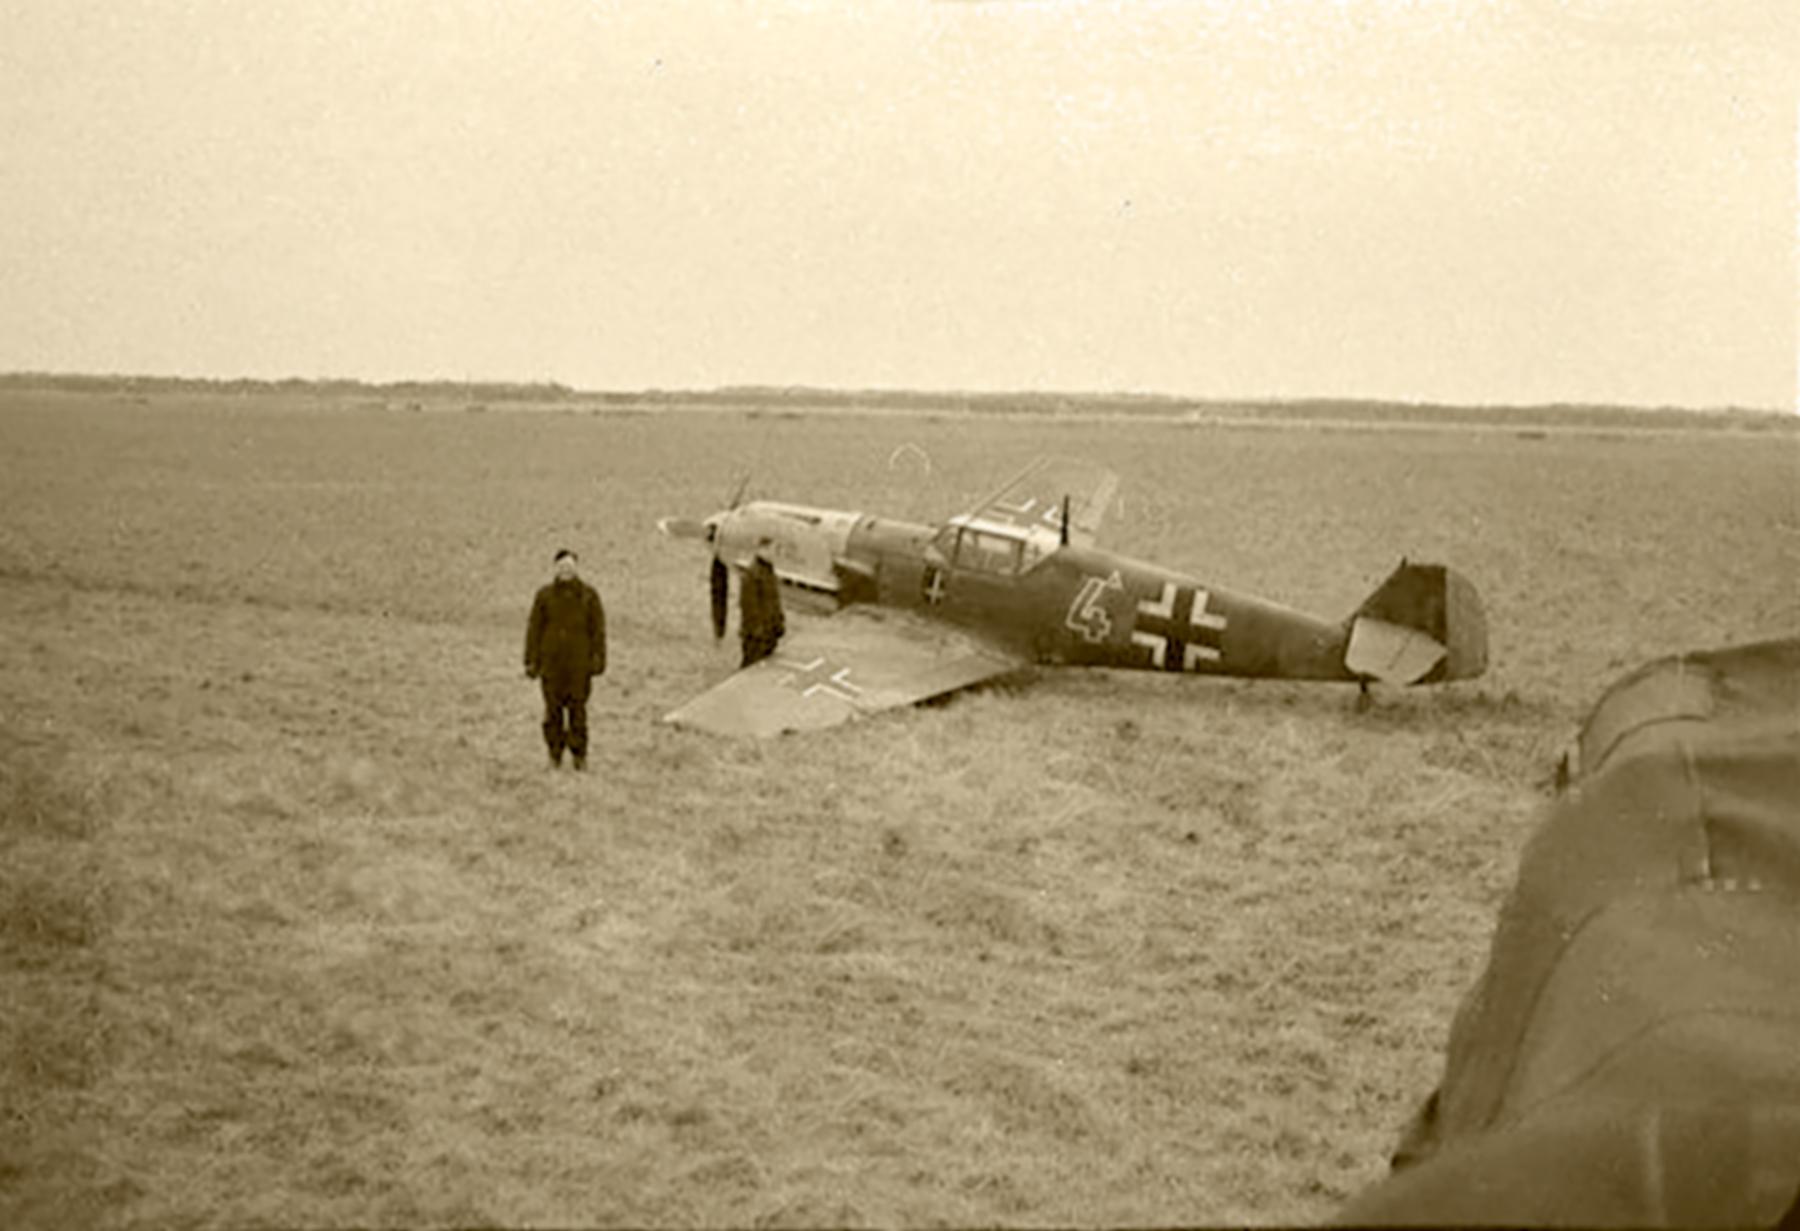 Messerschmitt Bf 109E 3.JG52 Yellow 4 landing mishap France 1940 ebay 01